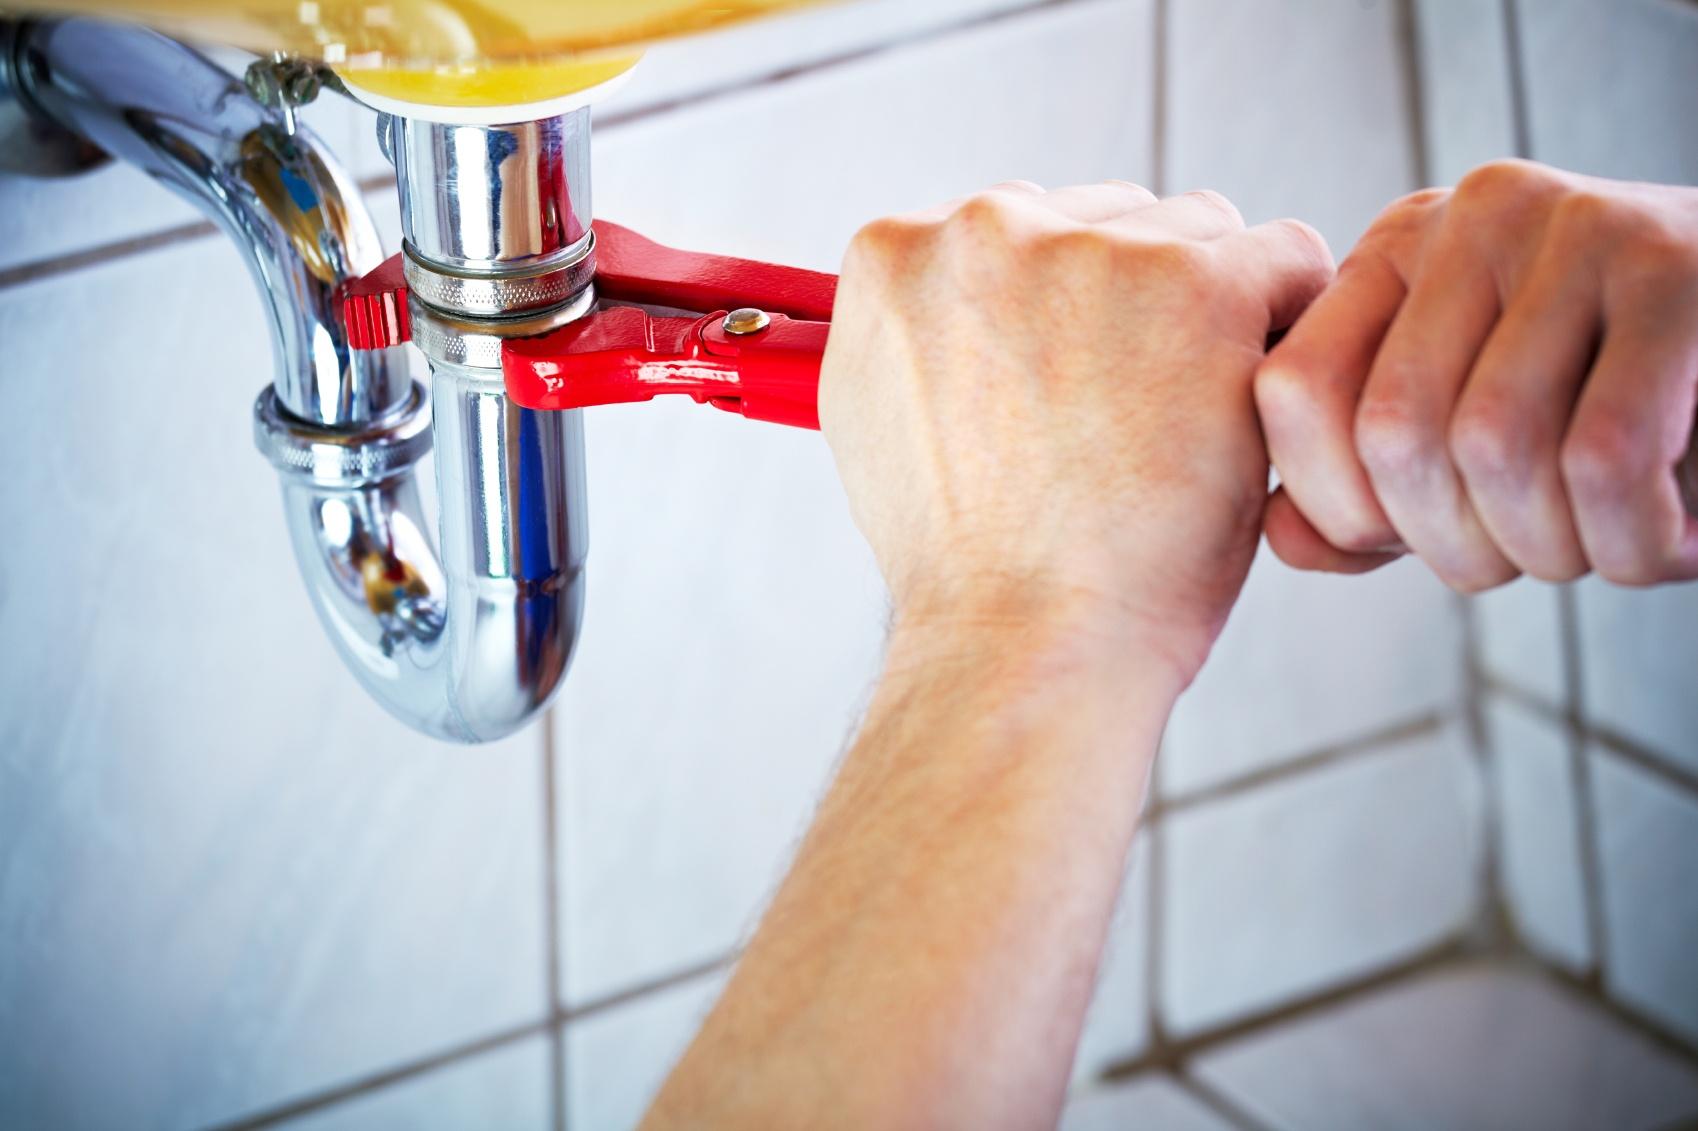 Vodovodní Odpady Vyžadují Prevenci